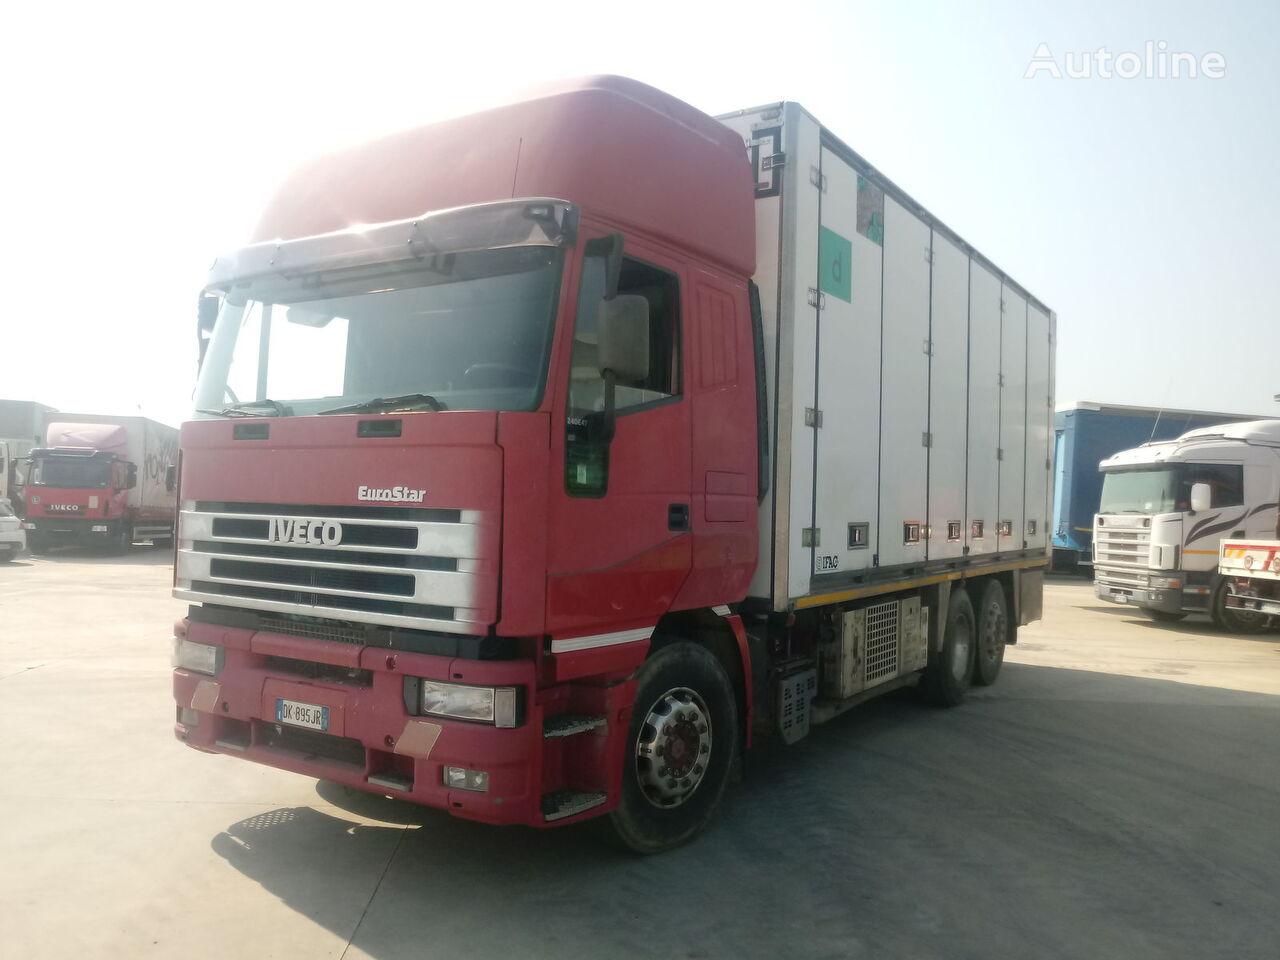 IVECO EUROSTAR 240E47 refrigerated truck